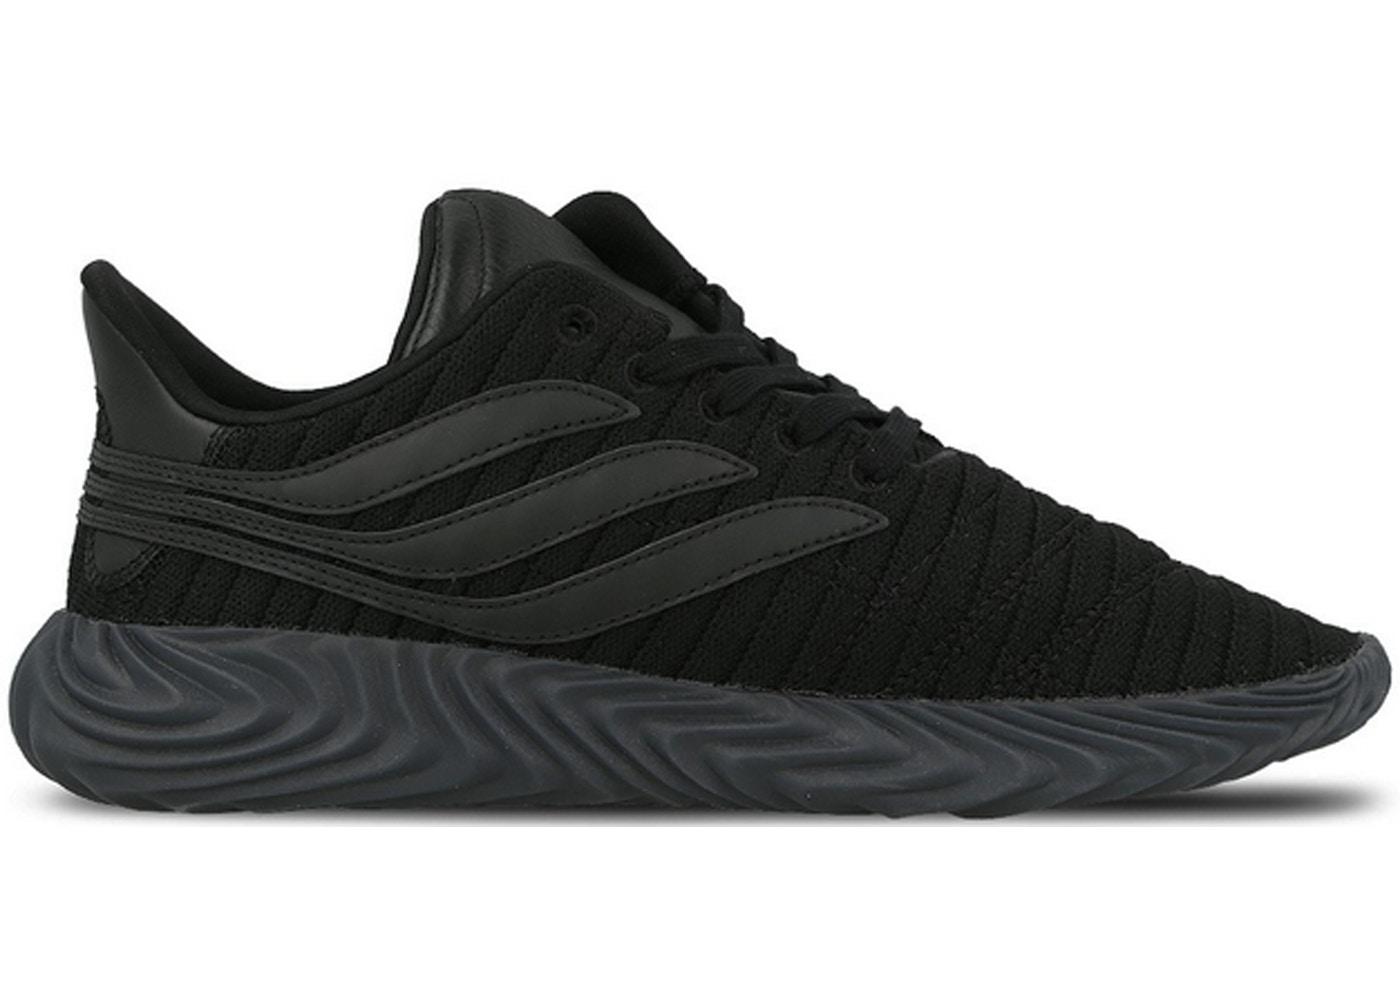 premium selection 3b69c dd053 adidas Sobakov Triple Black